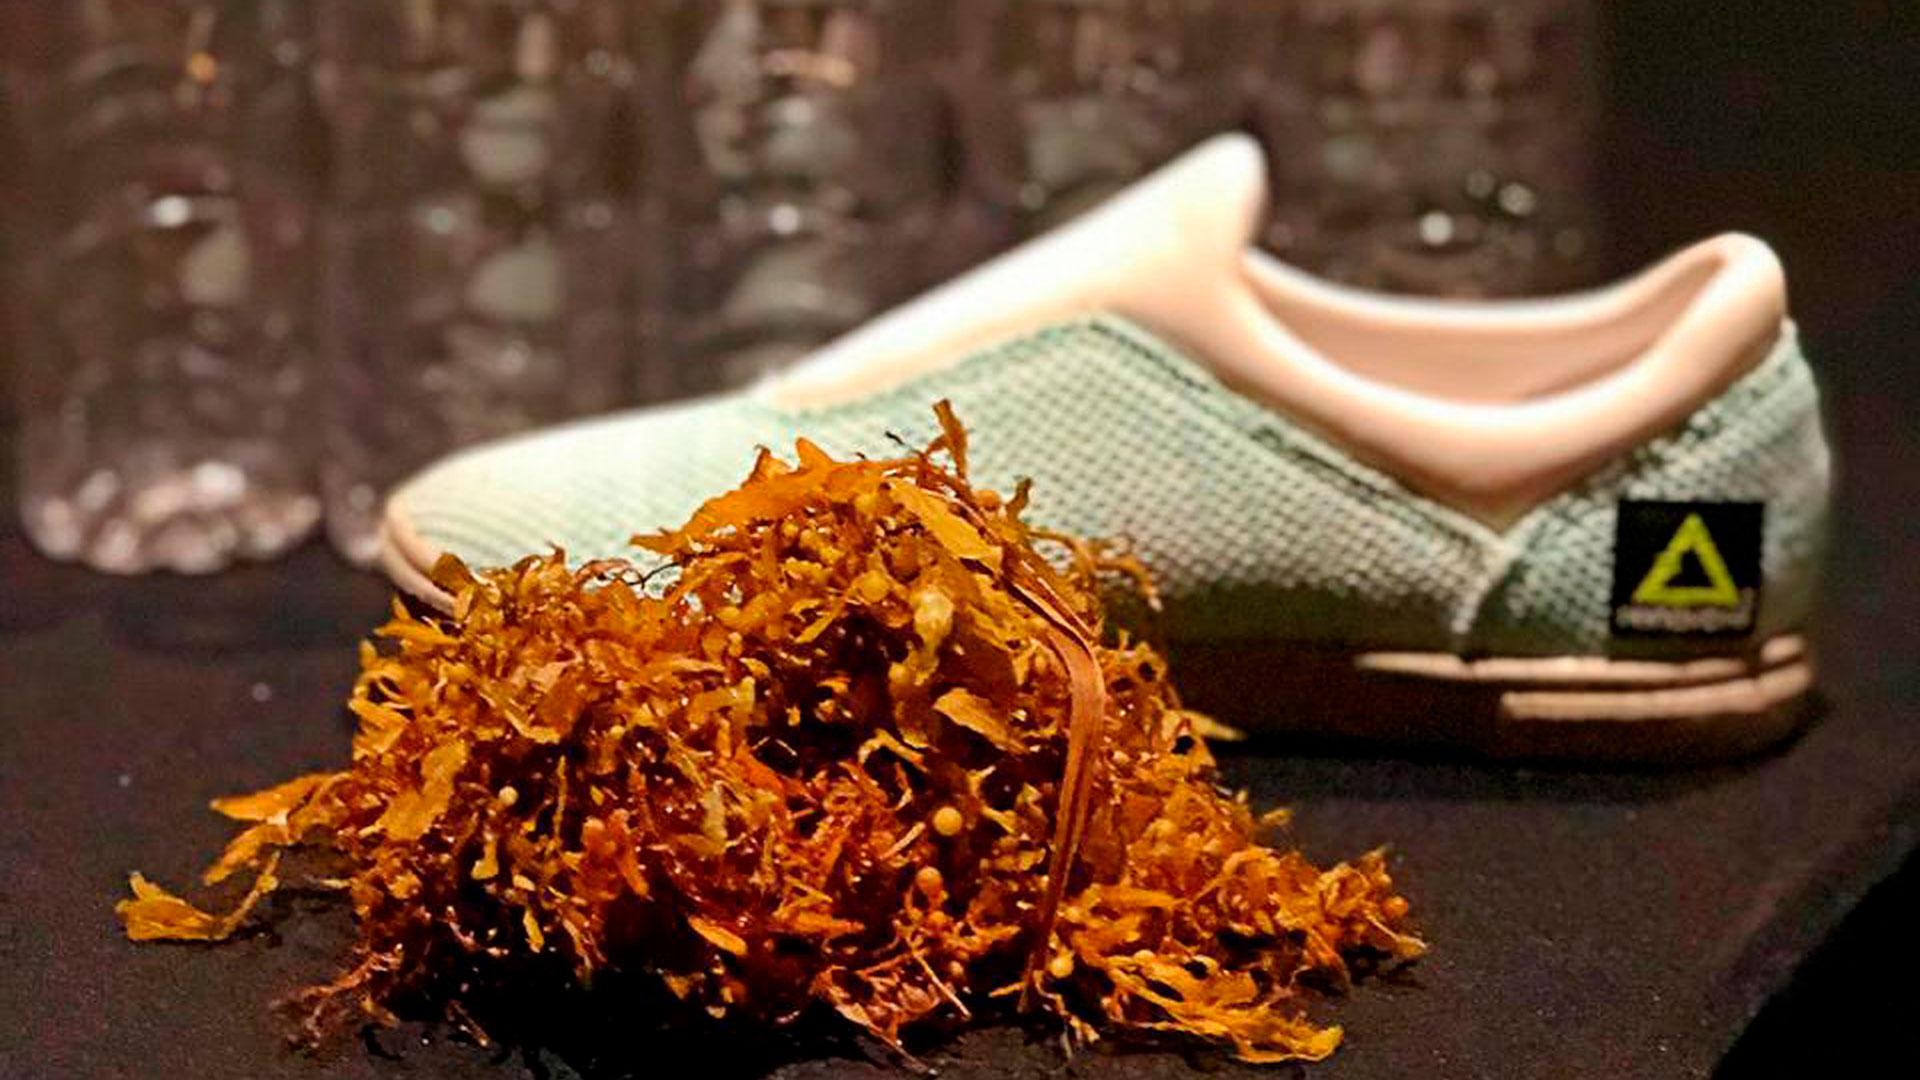 El grupo de emprendedores logró añadir sargazo a al suela del calzado deportivo (Foto: cortesía)